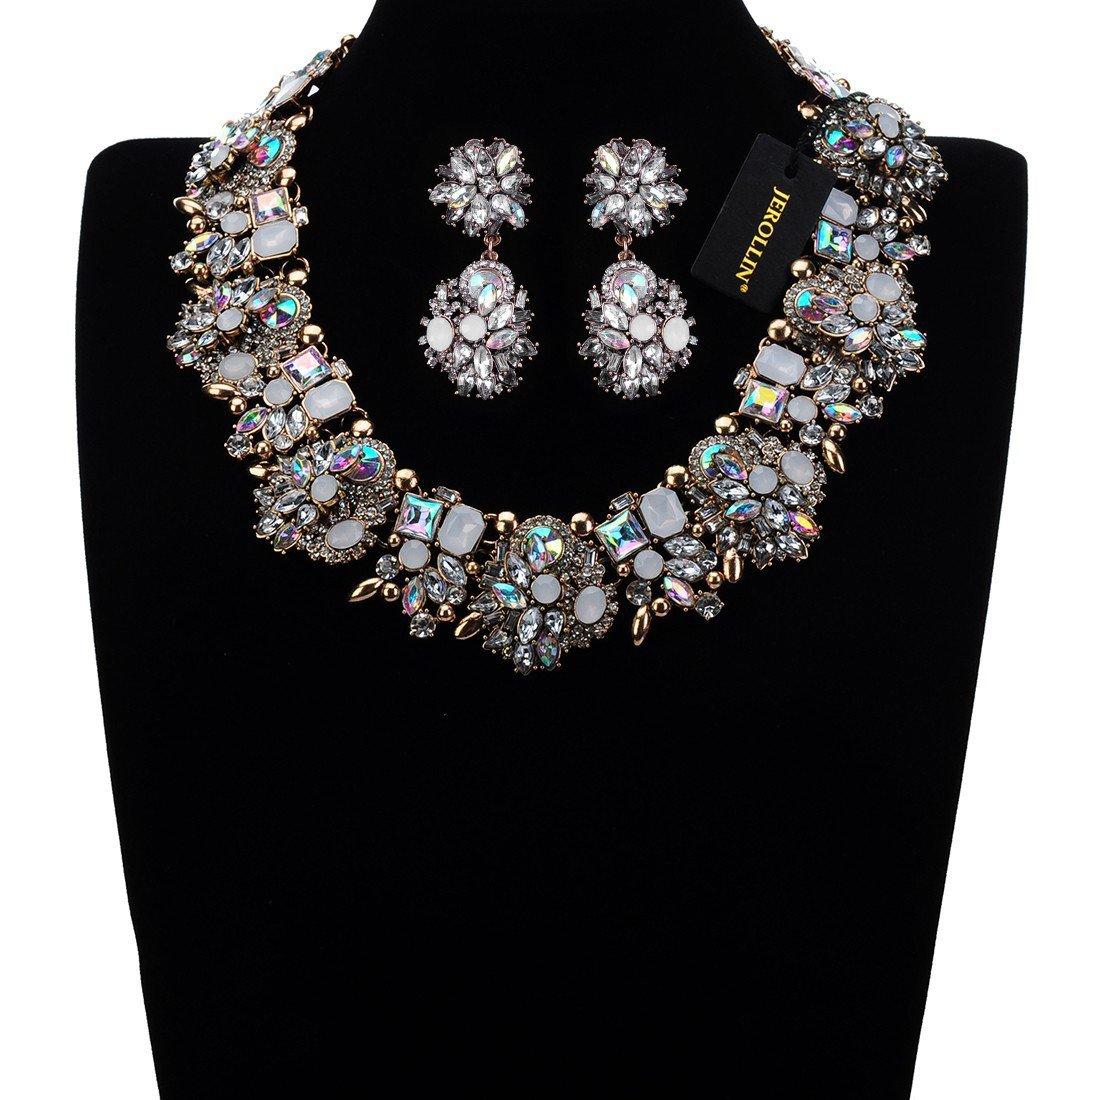 cristallo multicolore Collana donna fantasia girocollo e orecchini Jerollin